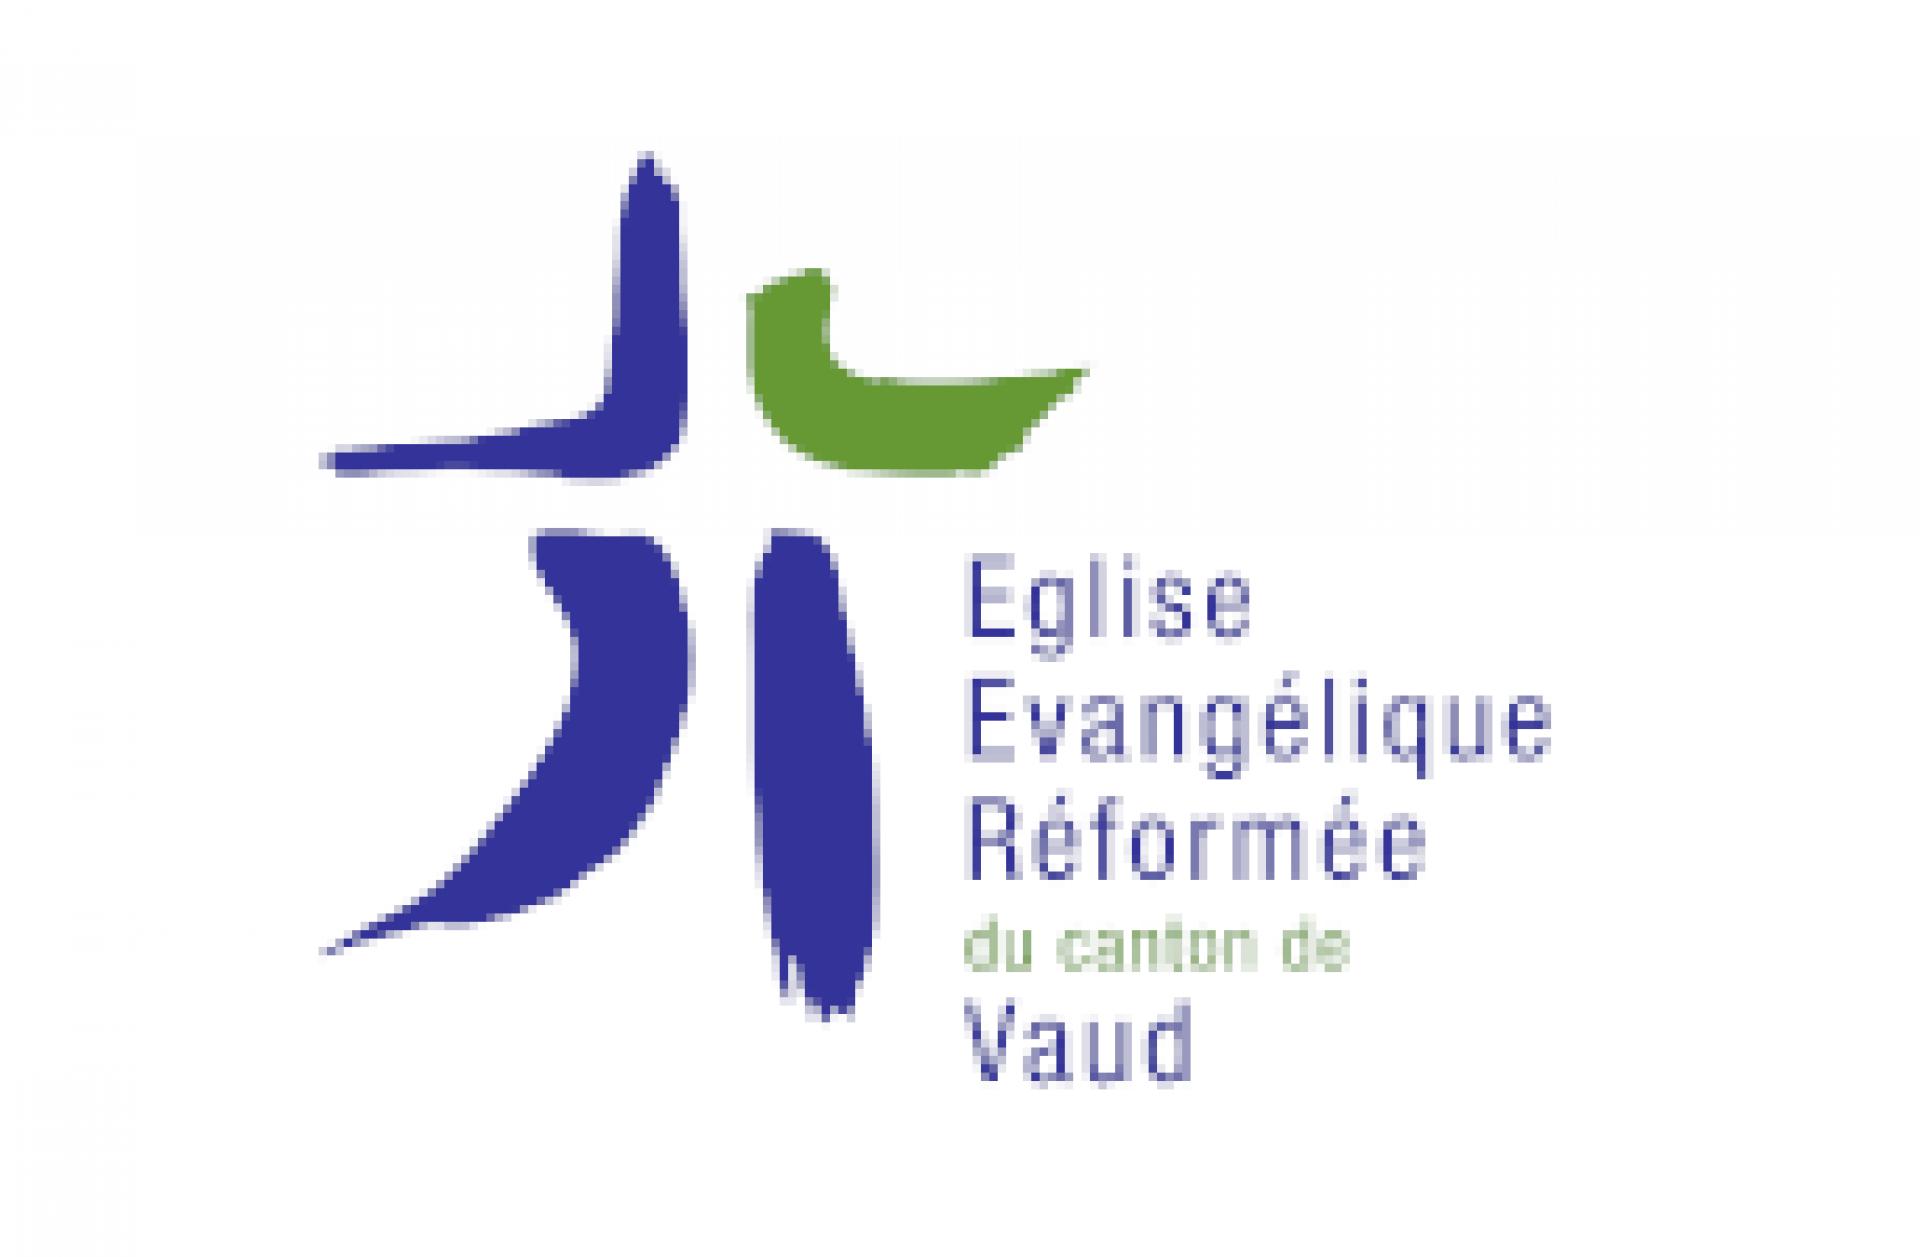 Eglise Evangélique réformée du canton de Vaud